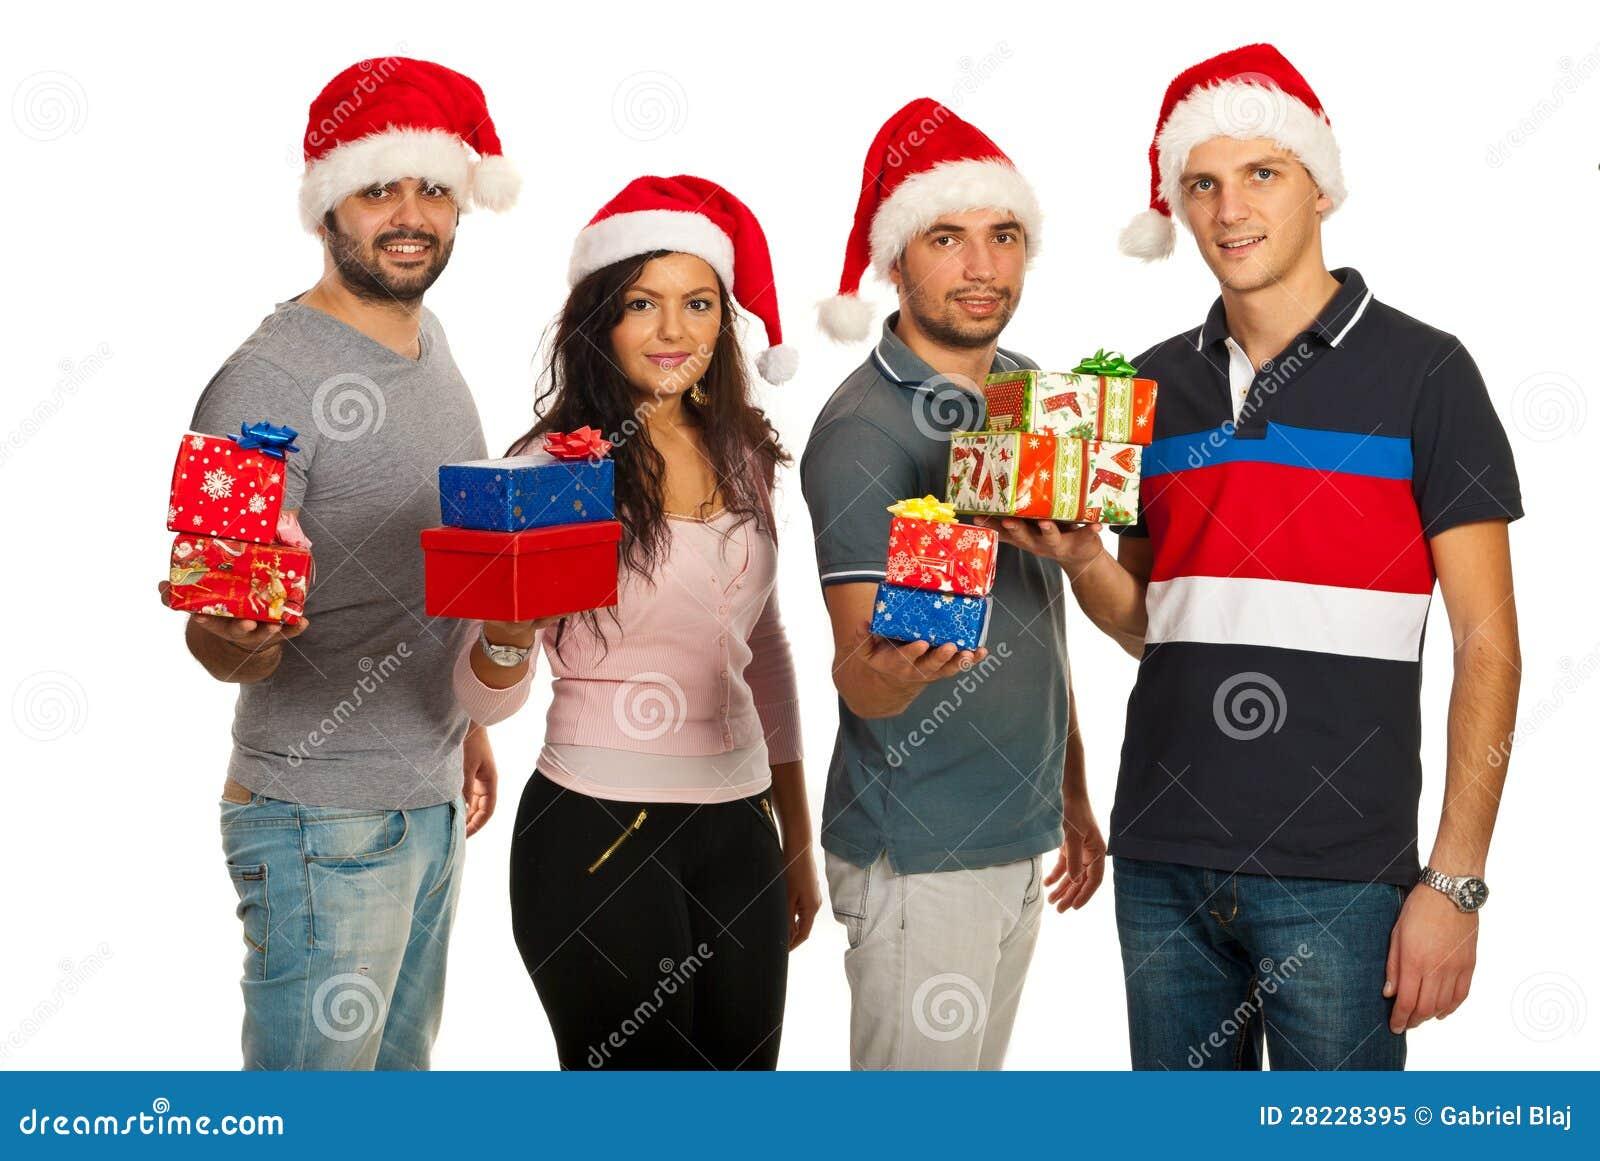 Glückliche Freunde, Die Weihnachtsgeschenke Anhalten Stockbild ...